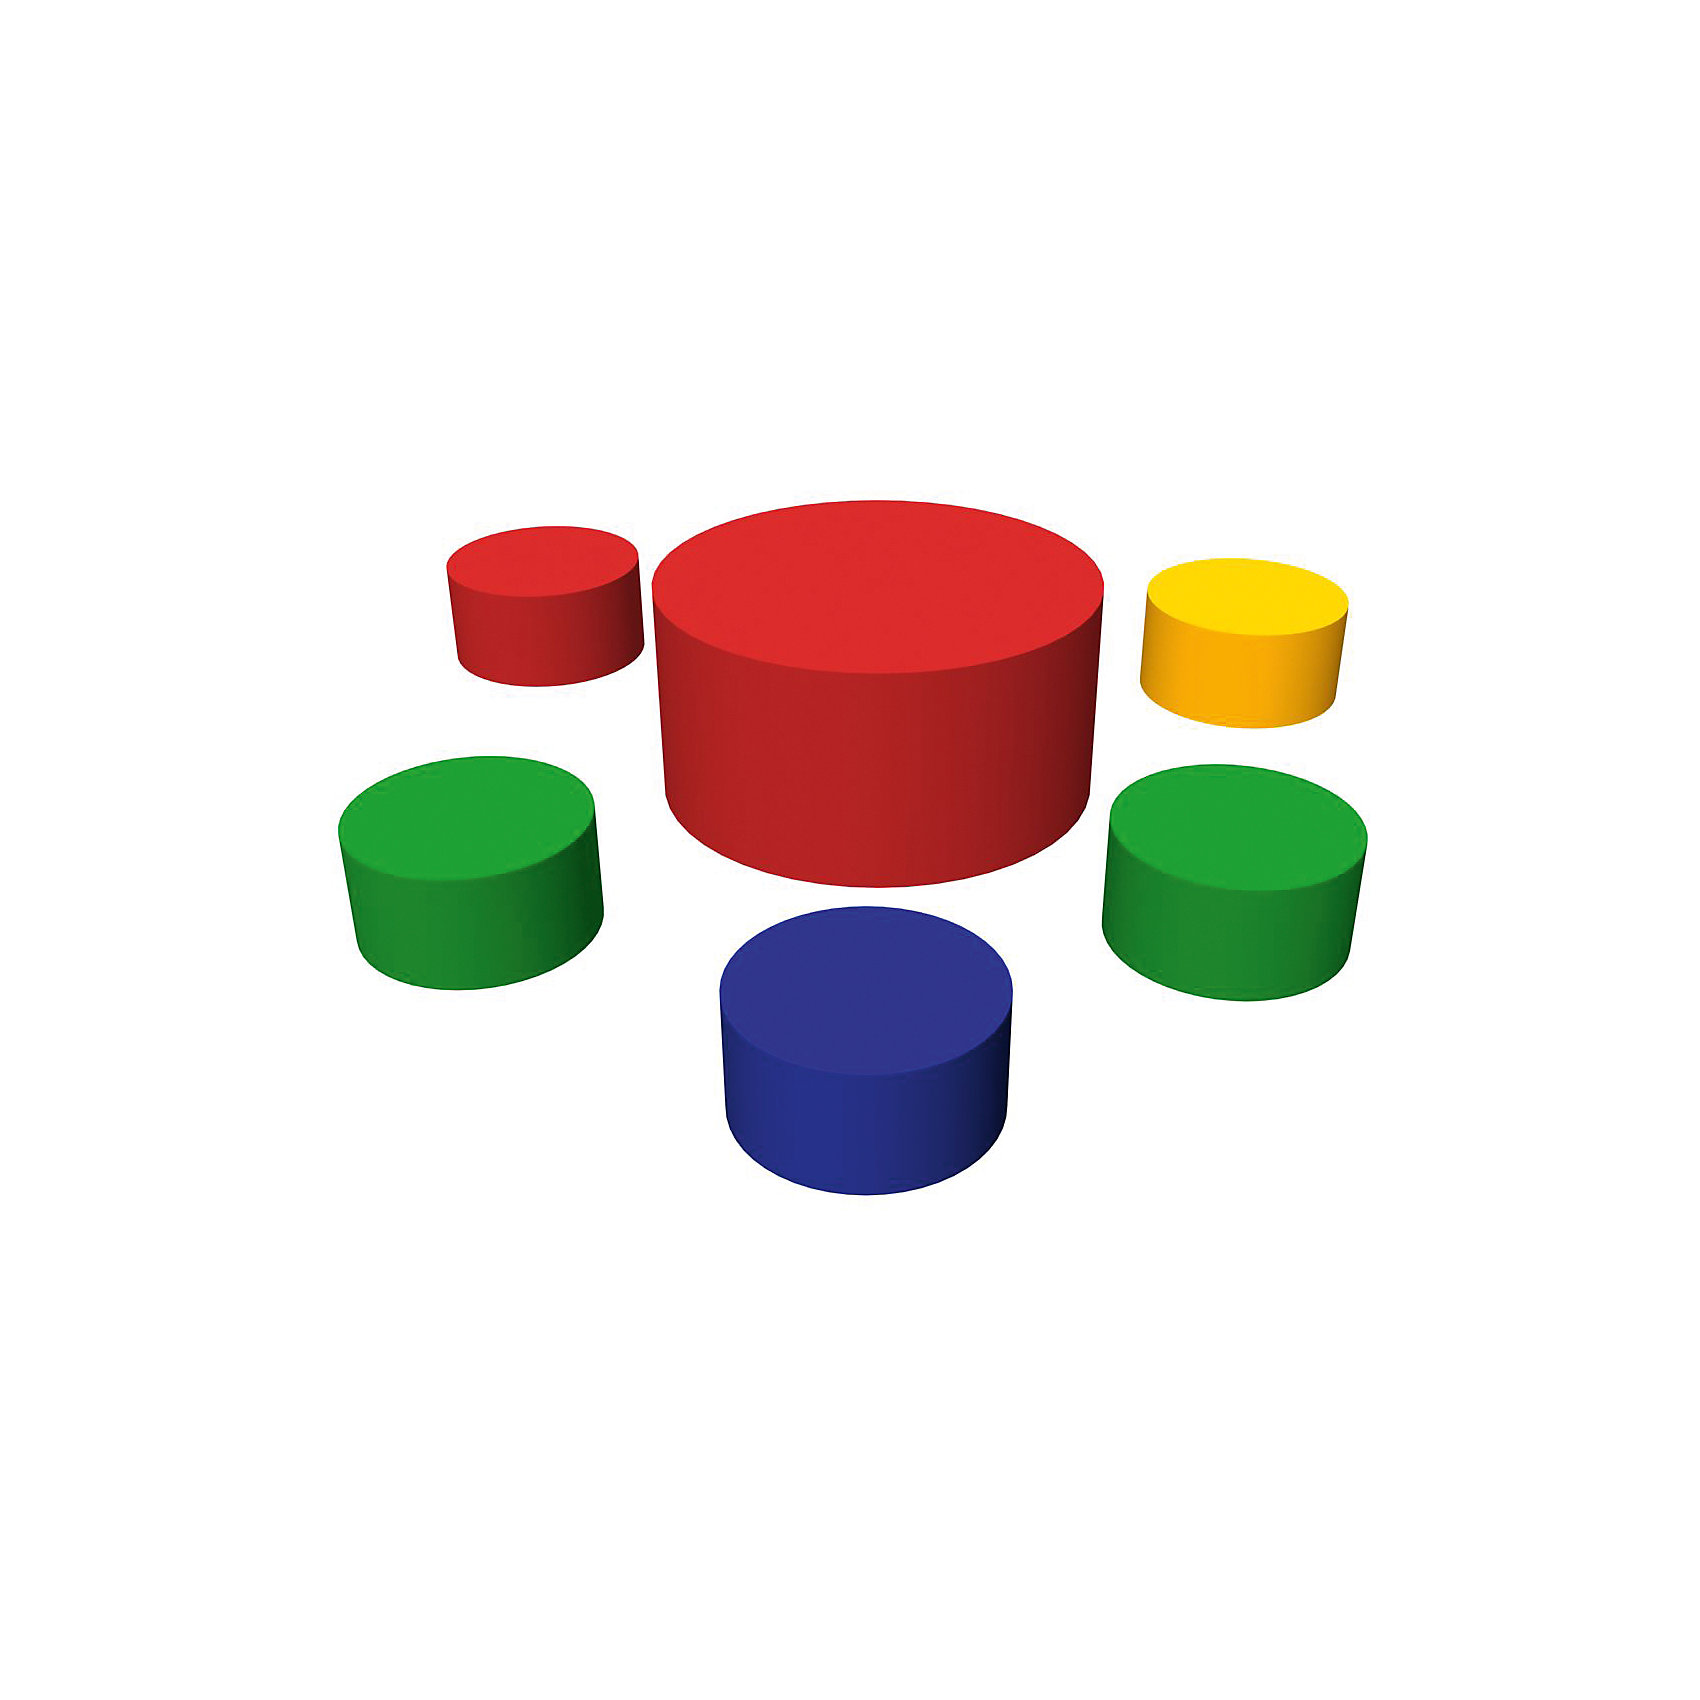 Игровая мебель 6 элементов, RomanaМебель<br>Мягкий комплекс подойдет для игровых комнат.<br><br>Ширина мм: 1500<br>Глубина мм: 1500<br>Высота мм: 300<br>Вес г: 7000<br>Возраст от месяцев: 36<br>Возраст до месяцев: 60<br>Пол: Унисекс<br>Возраст: Детский<br>SKU: 6742455